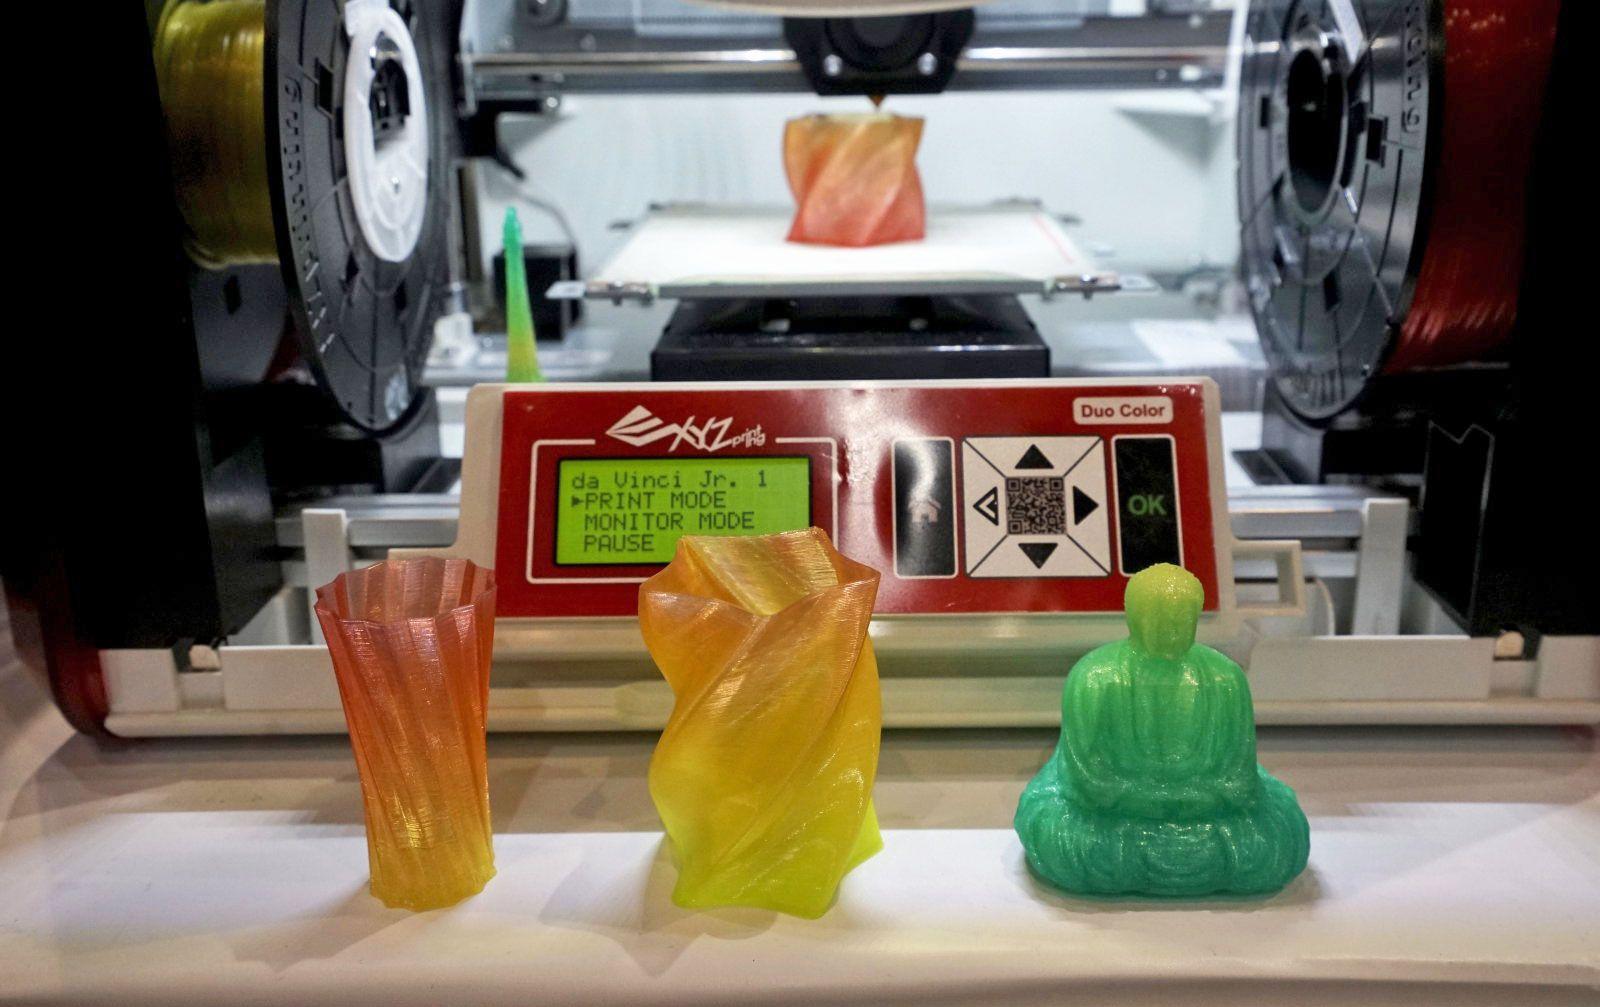 How To Make Money Using A 3d Printer